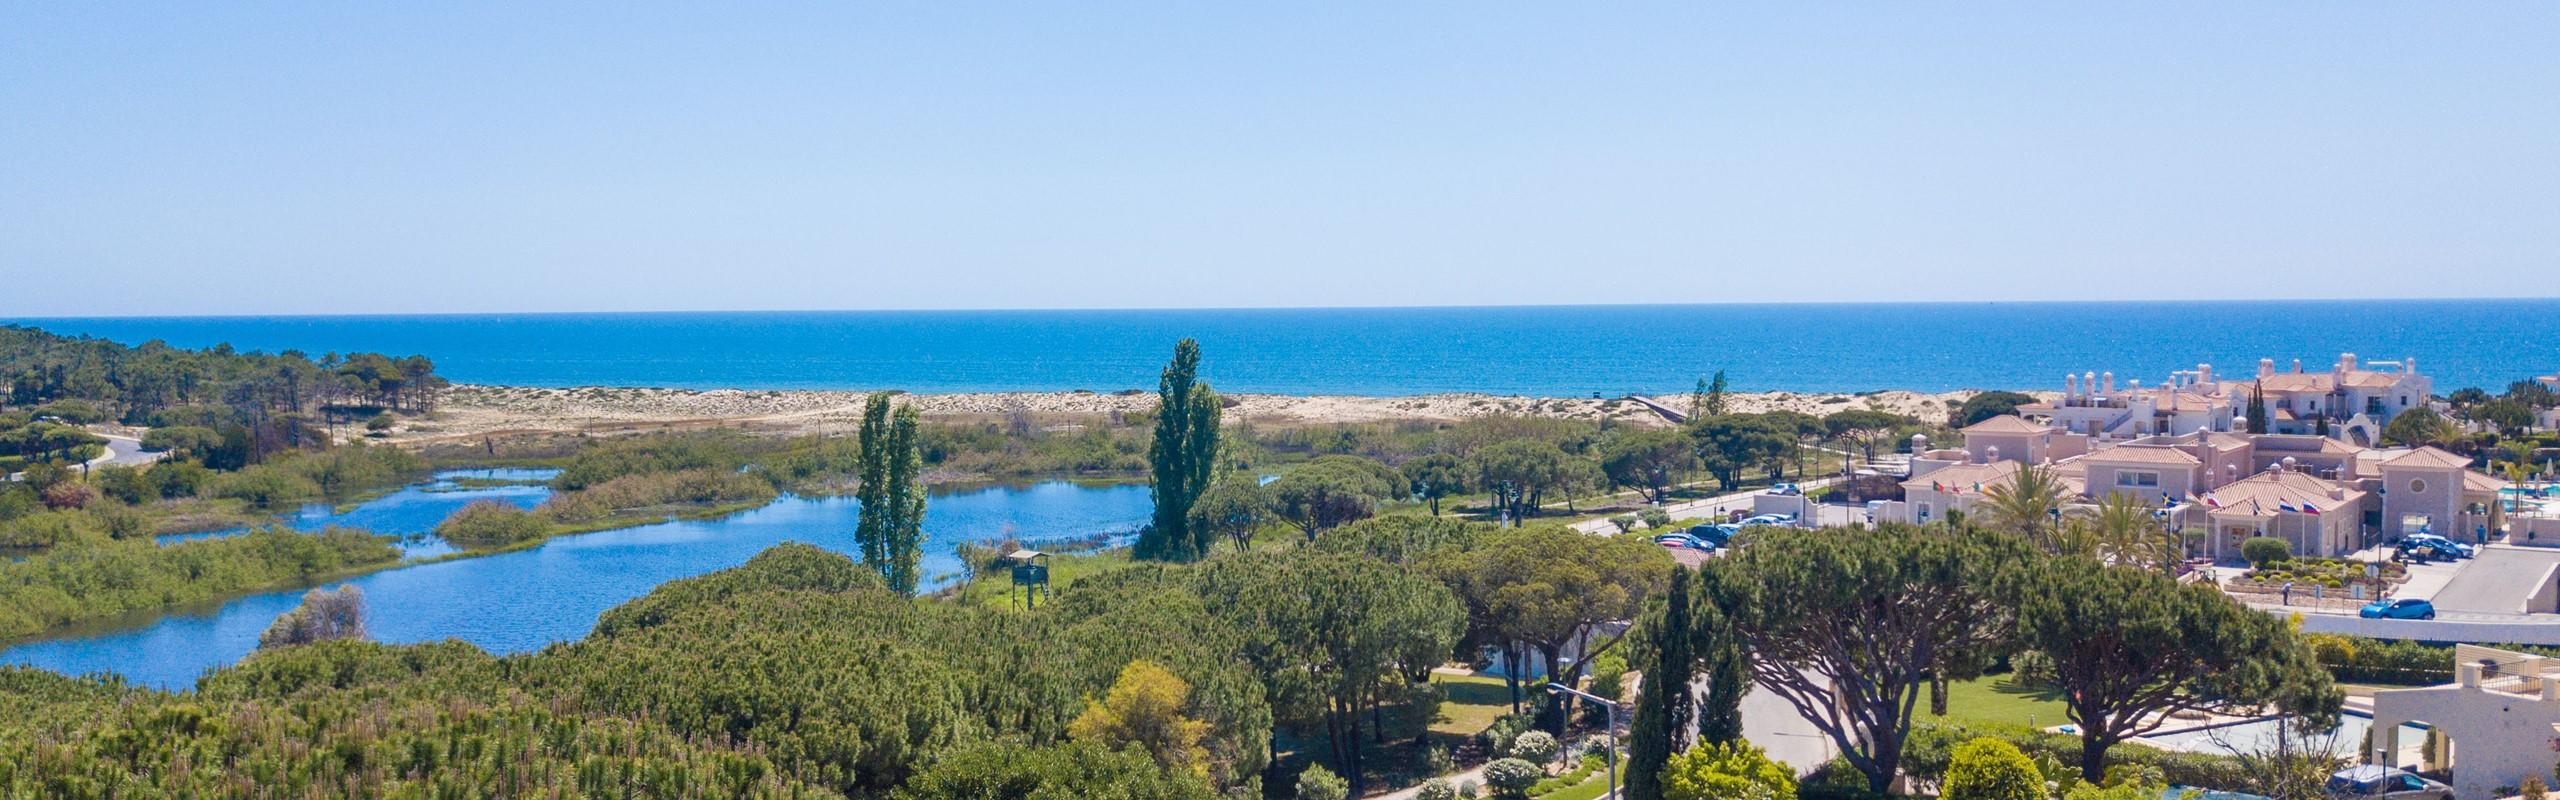 Dunas Douradas Resort Algarve